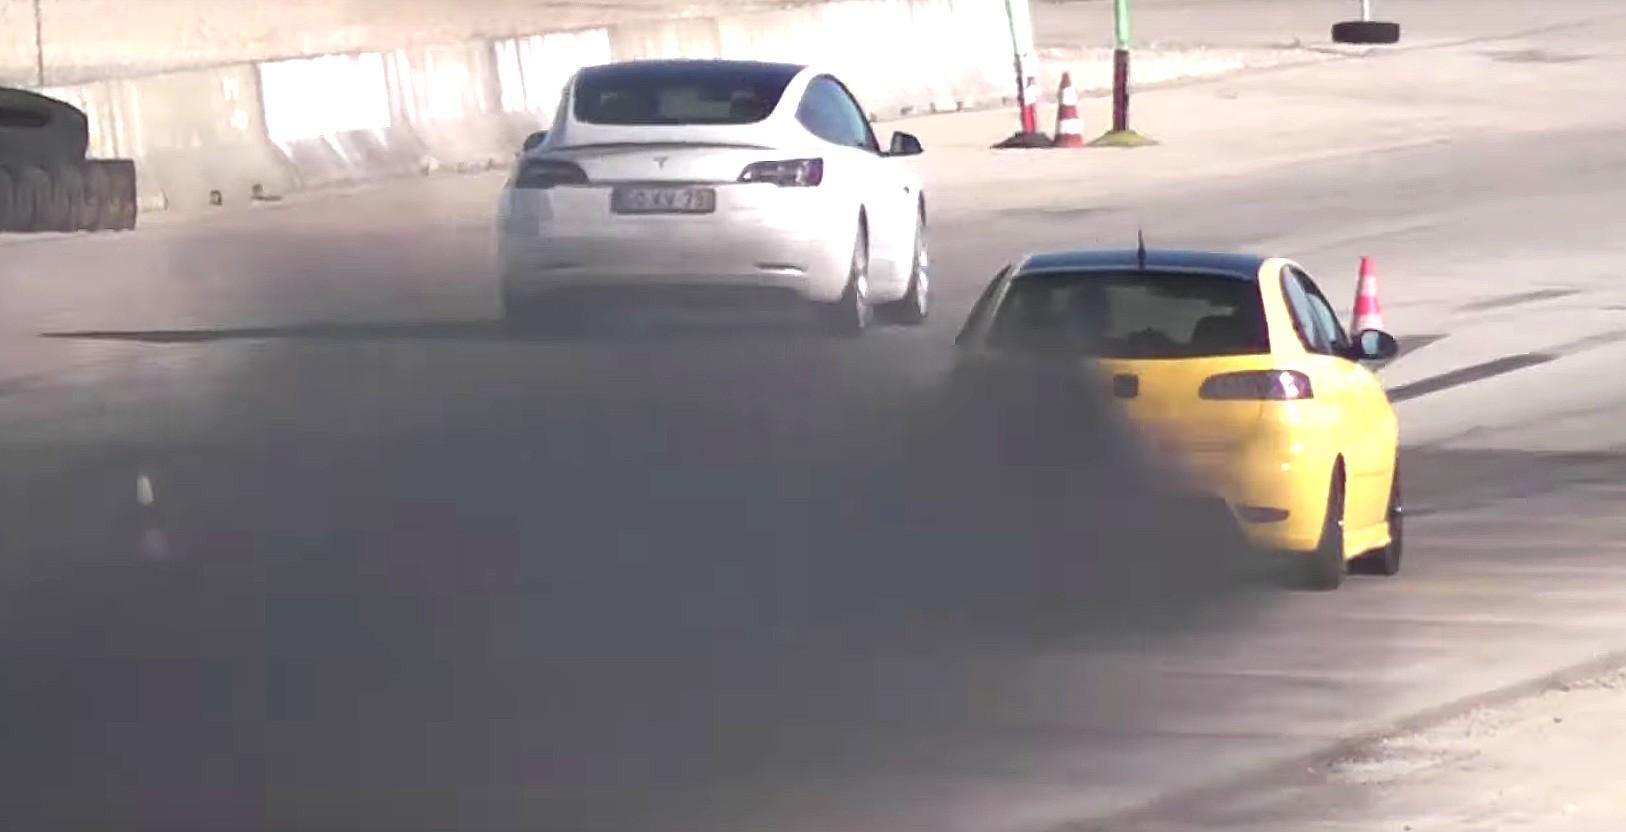 Tesla, производители электромобилей оставляют газовые машины в пыли с новым немецким законопроектом о стимулировании экономики